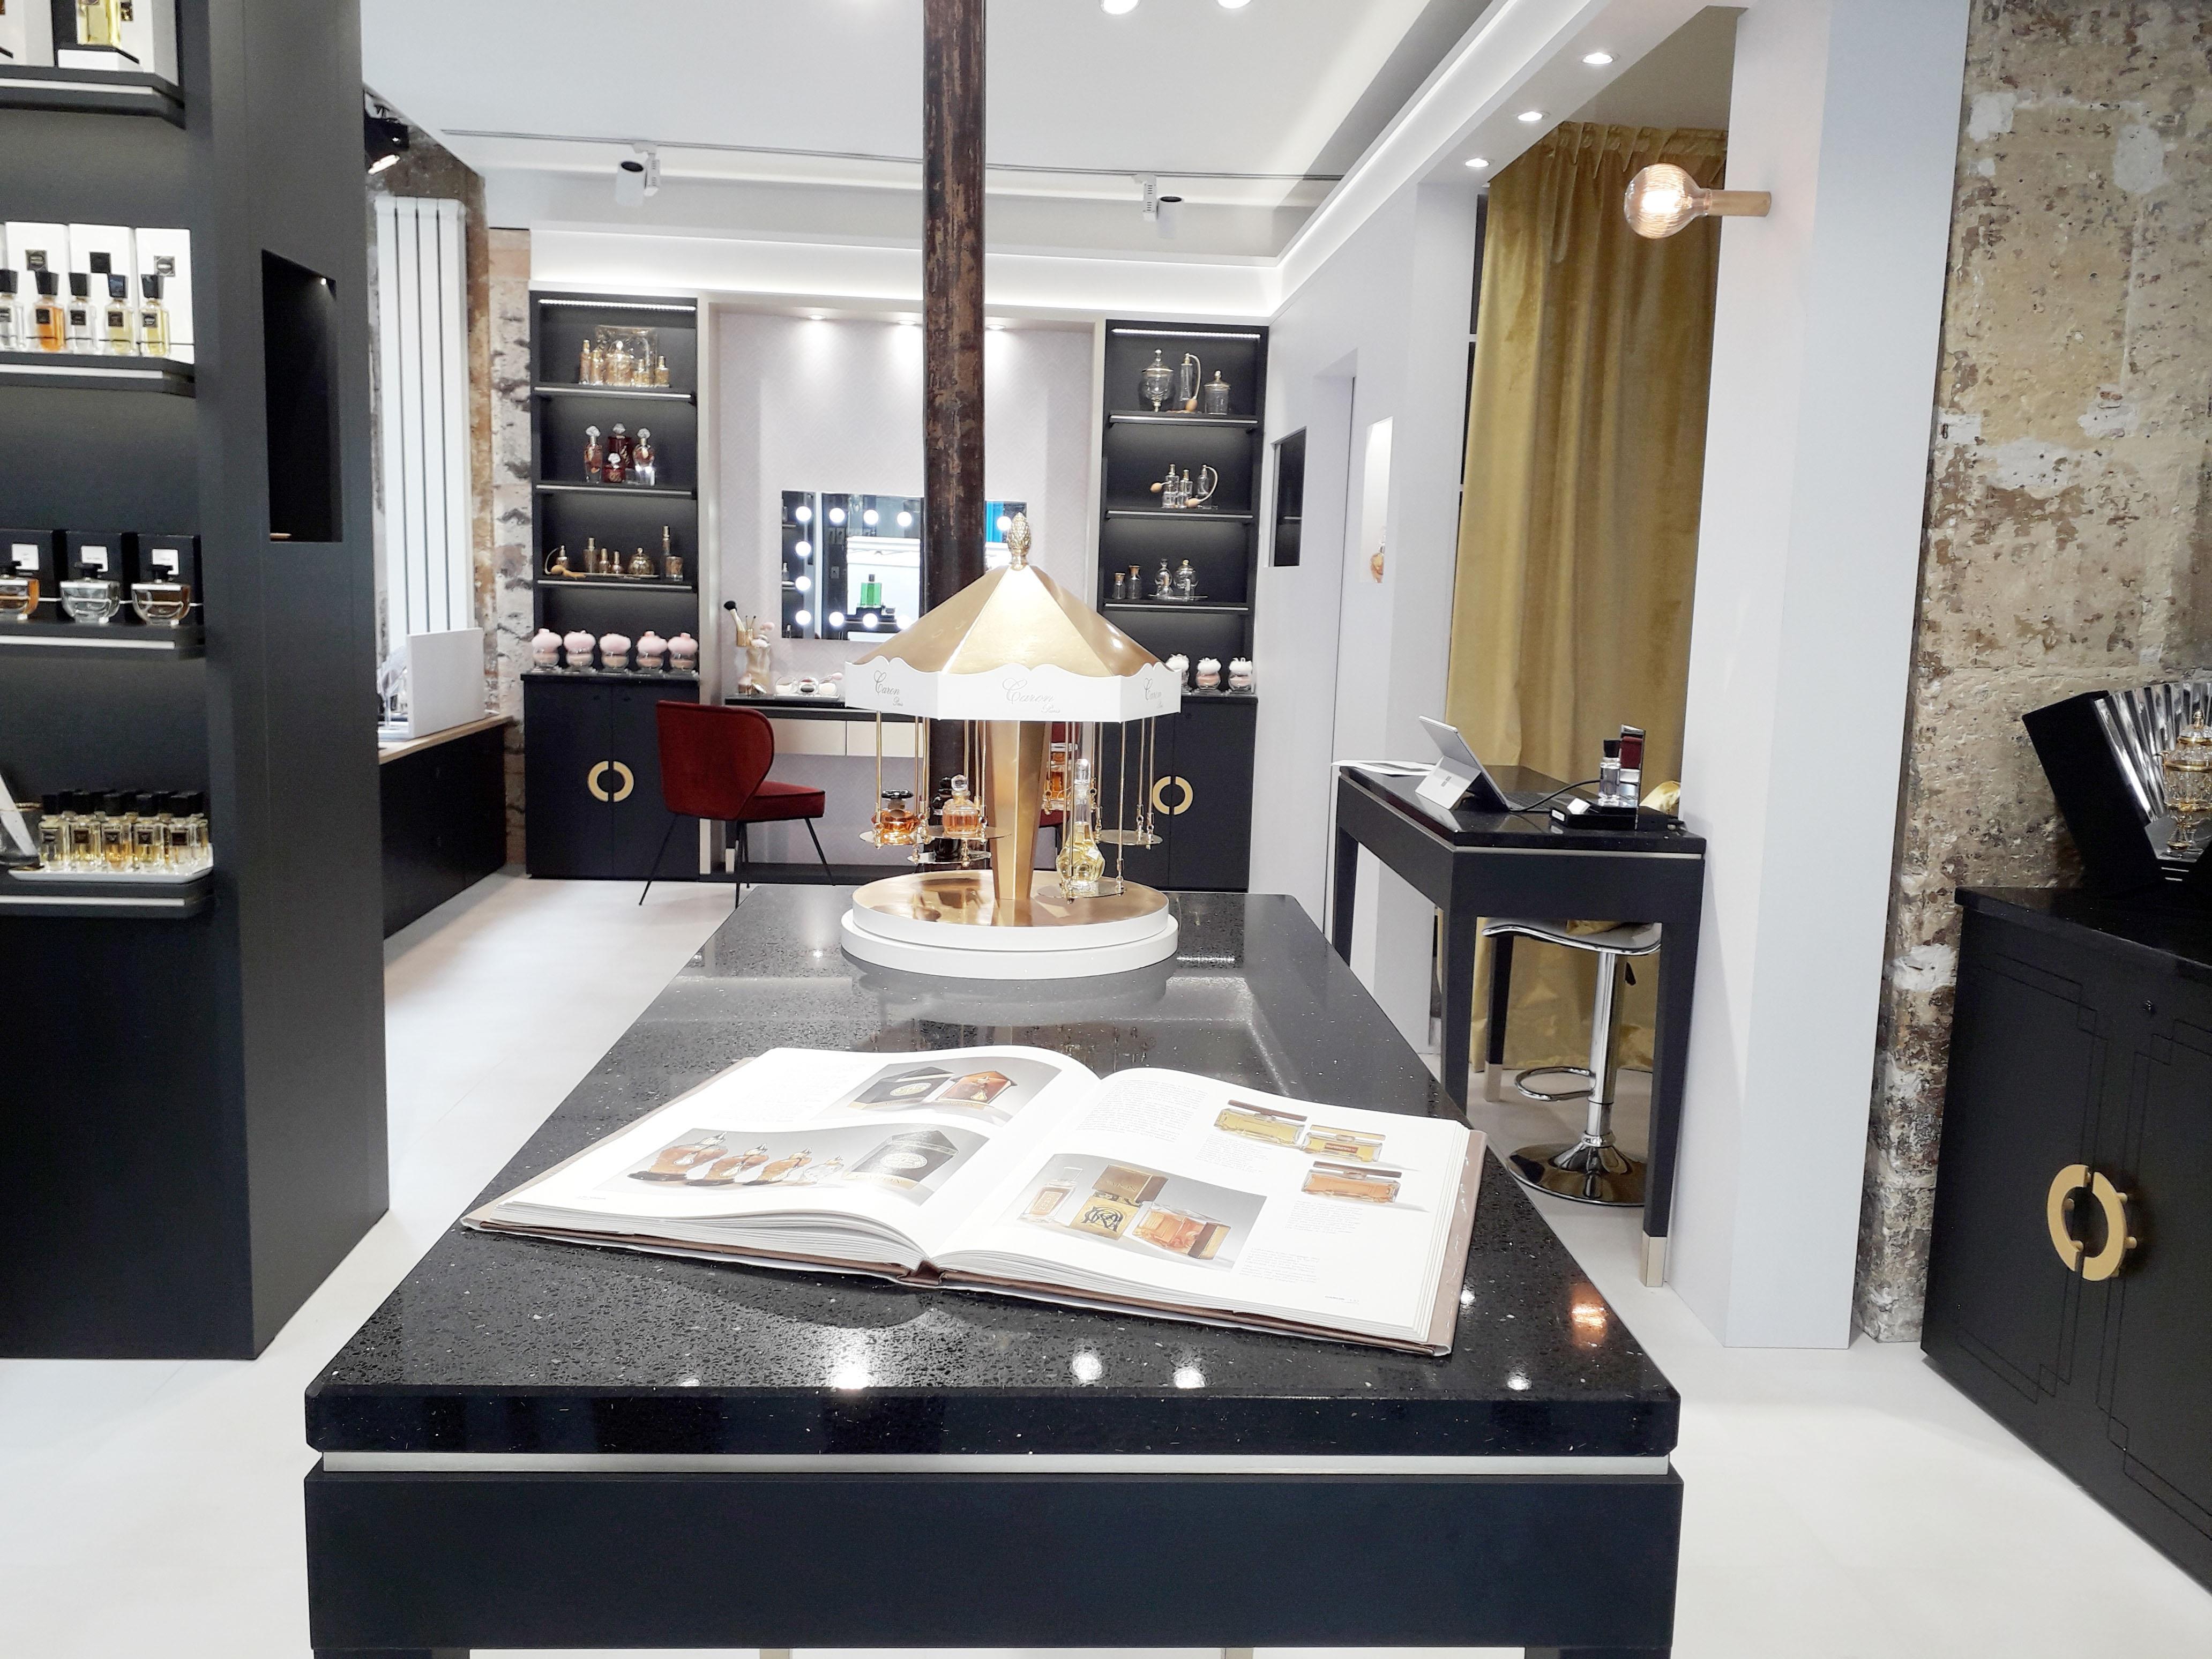 caron paris agence next step design